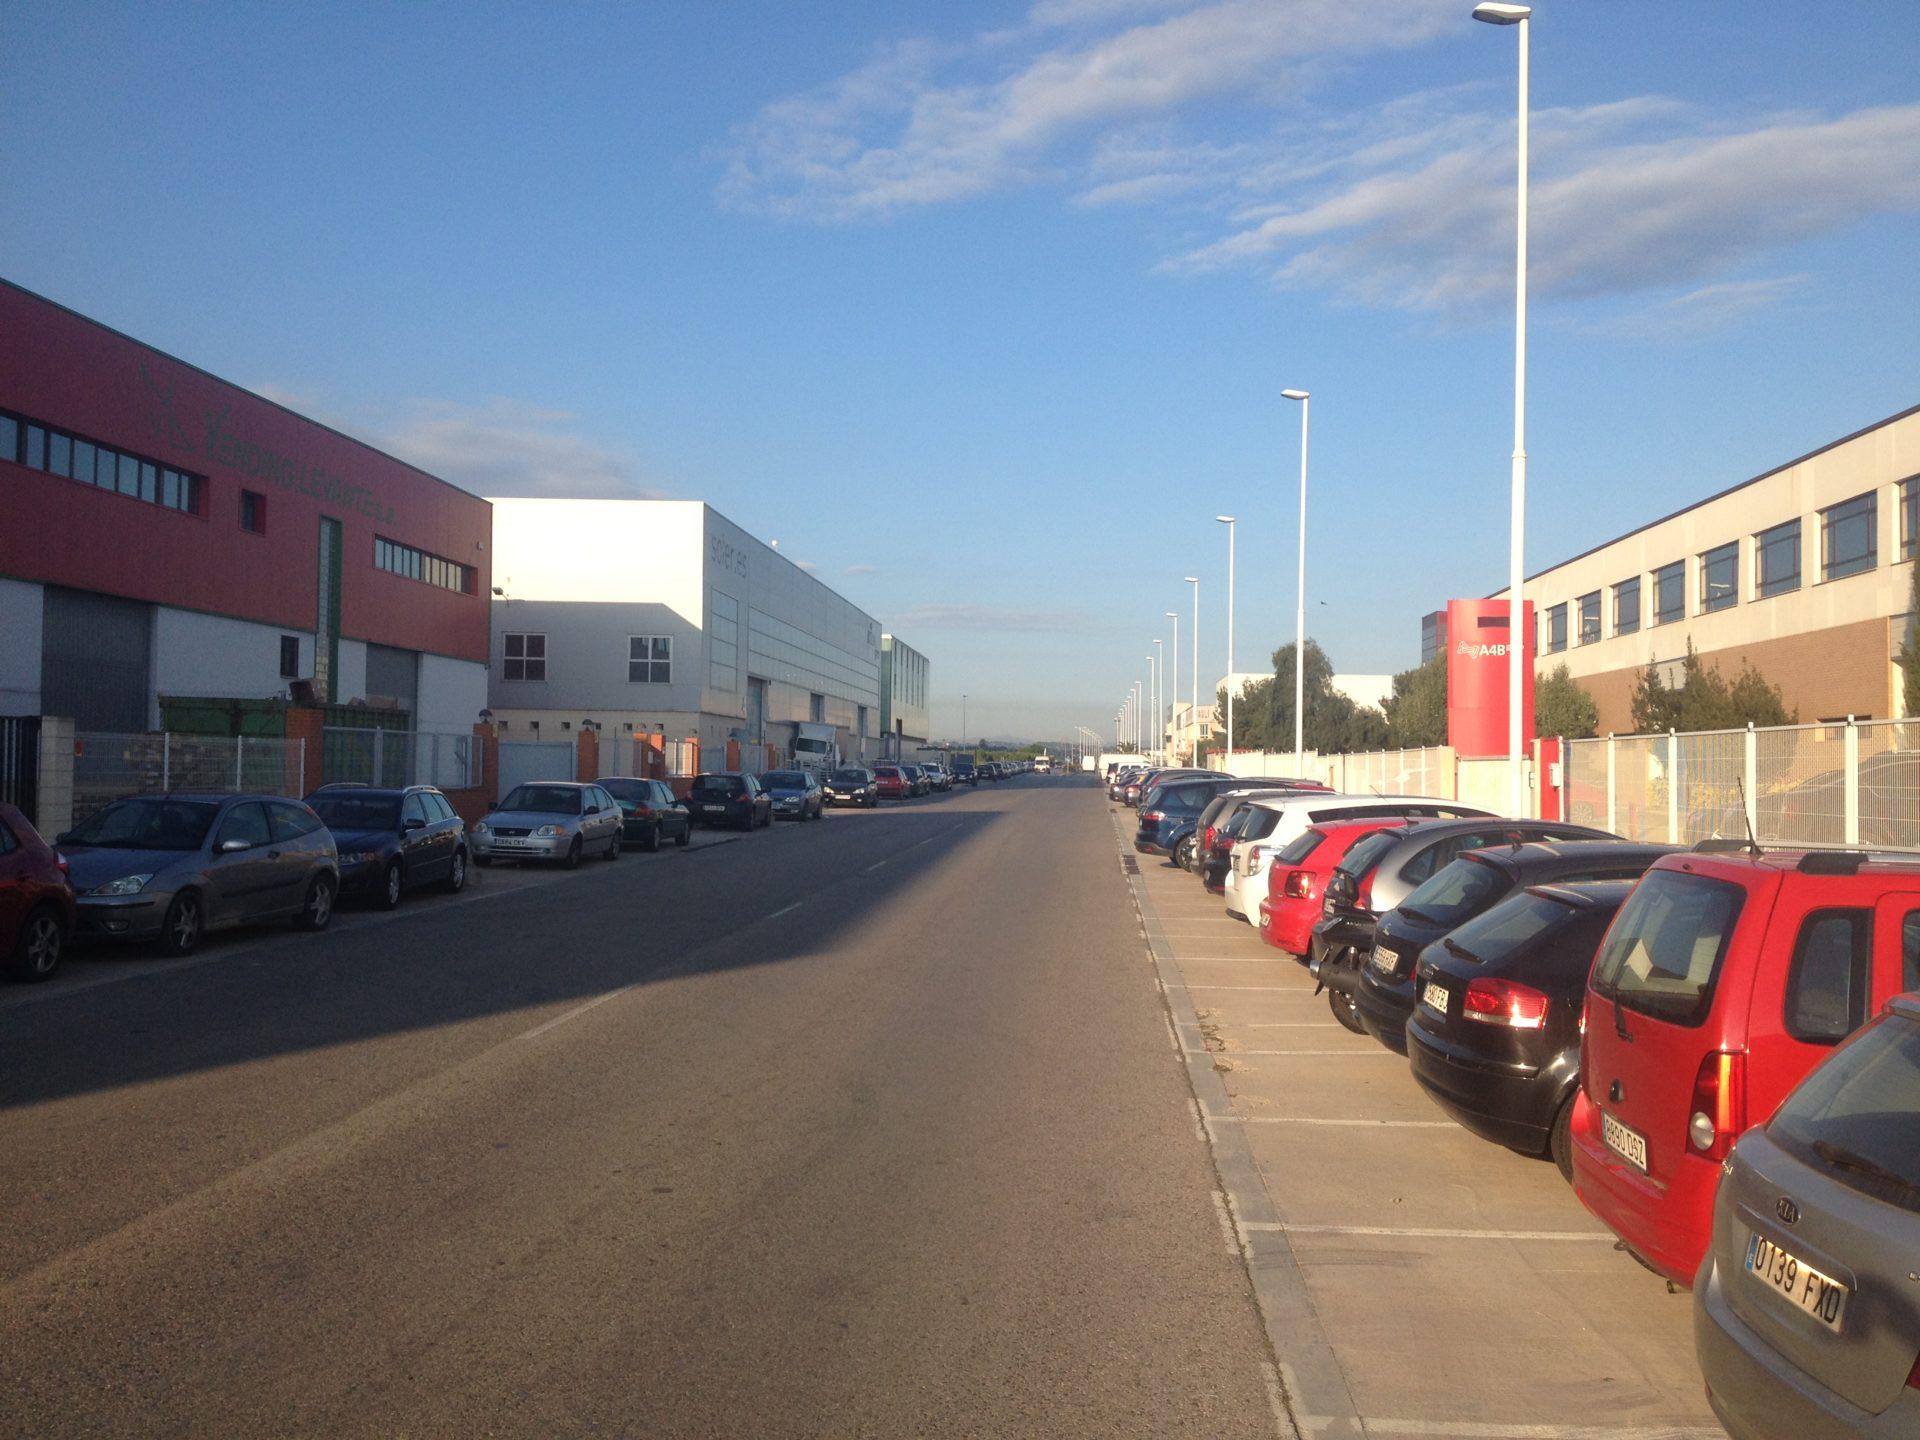 Preocupación en AEMON por la deficiente calidad del suministro eléctrico en las áreas empresariales de Moncada.